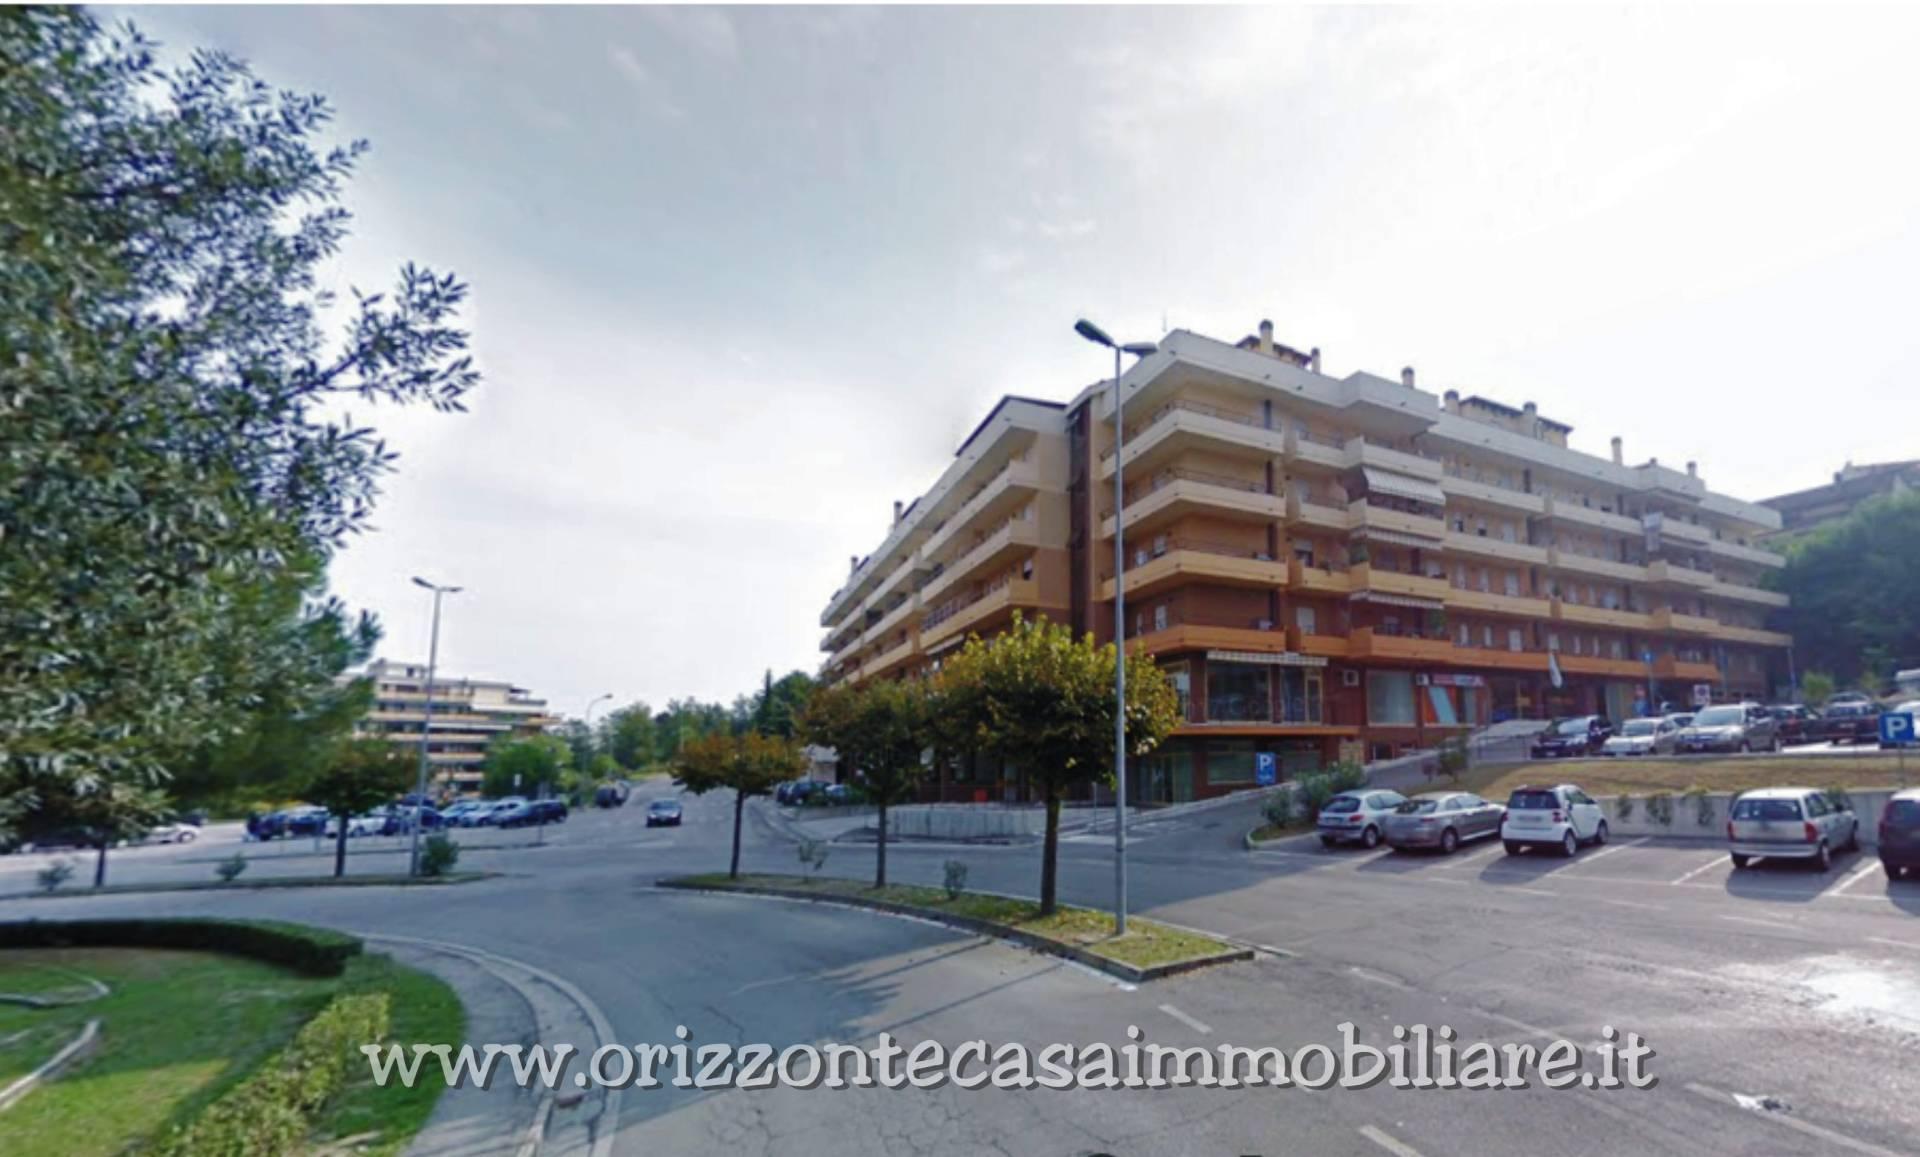 Attico / Mansarda in vendita a Folignano, 6 locali, zona Località: VillaPigna, prezzo € 159.000   PortaleAgenzieImmobiliari.it